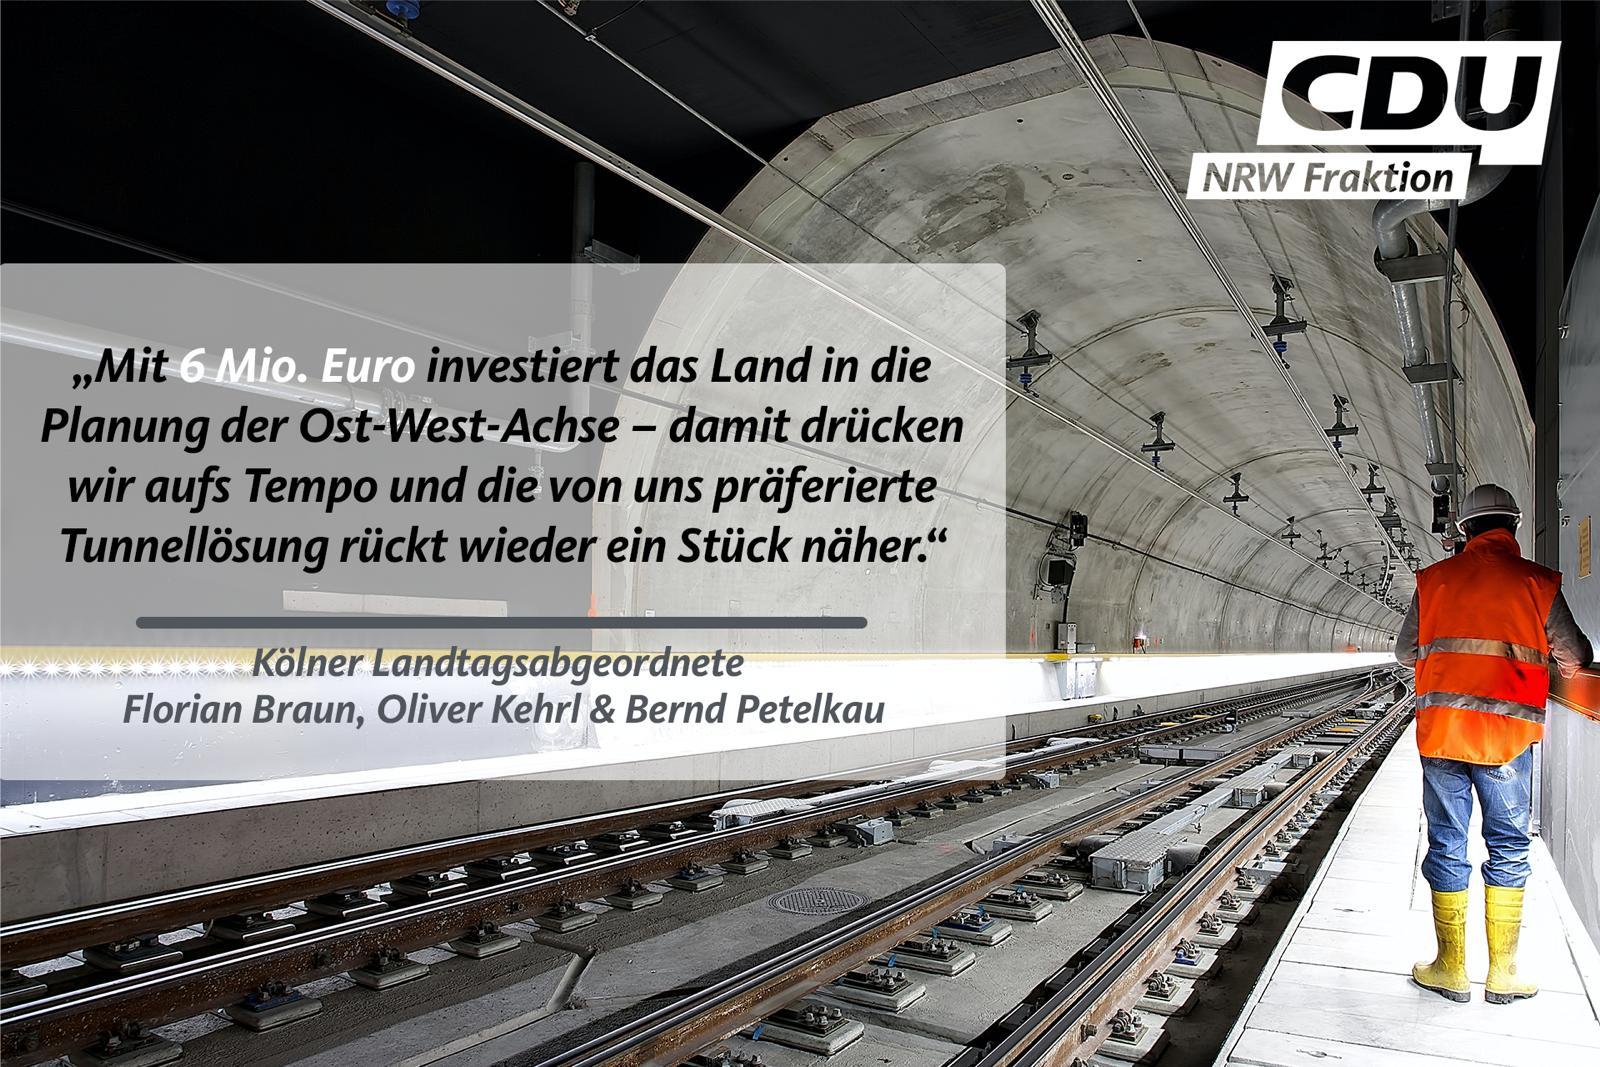 """""""Über 6 Millionen Landesmittel für die Planung der Ost-West-Achse"""""""